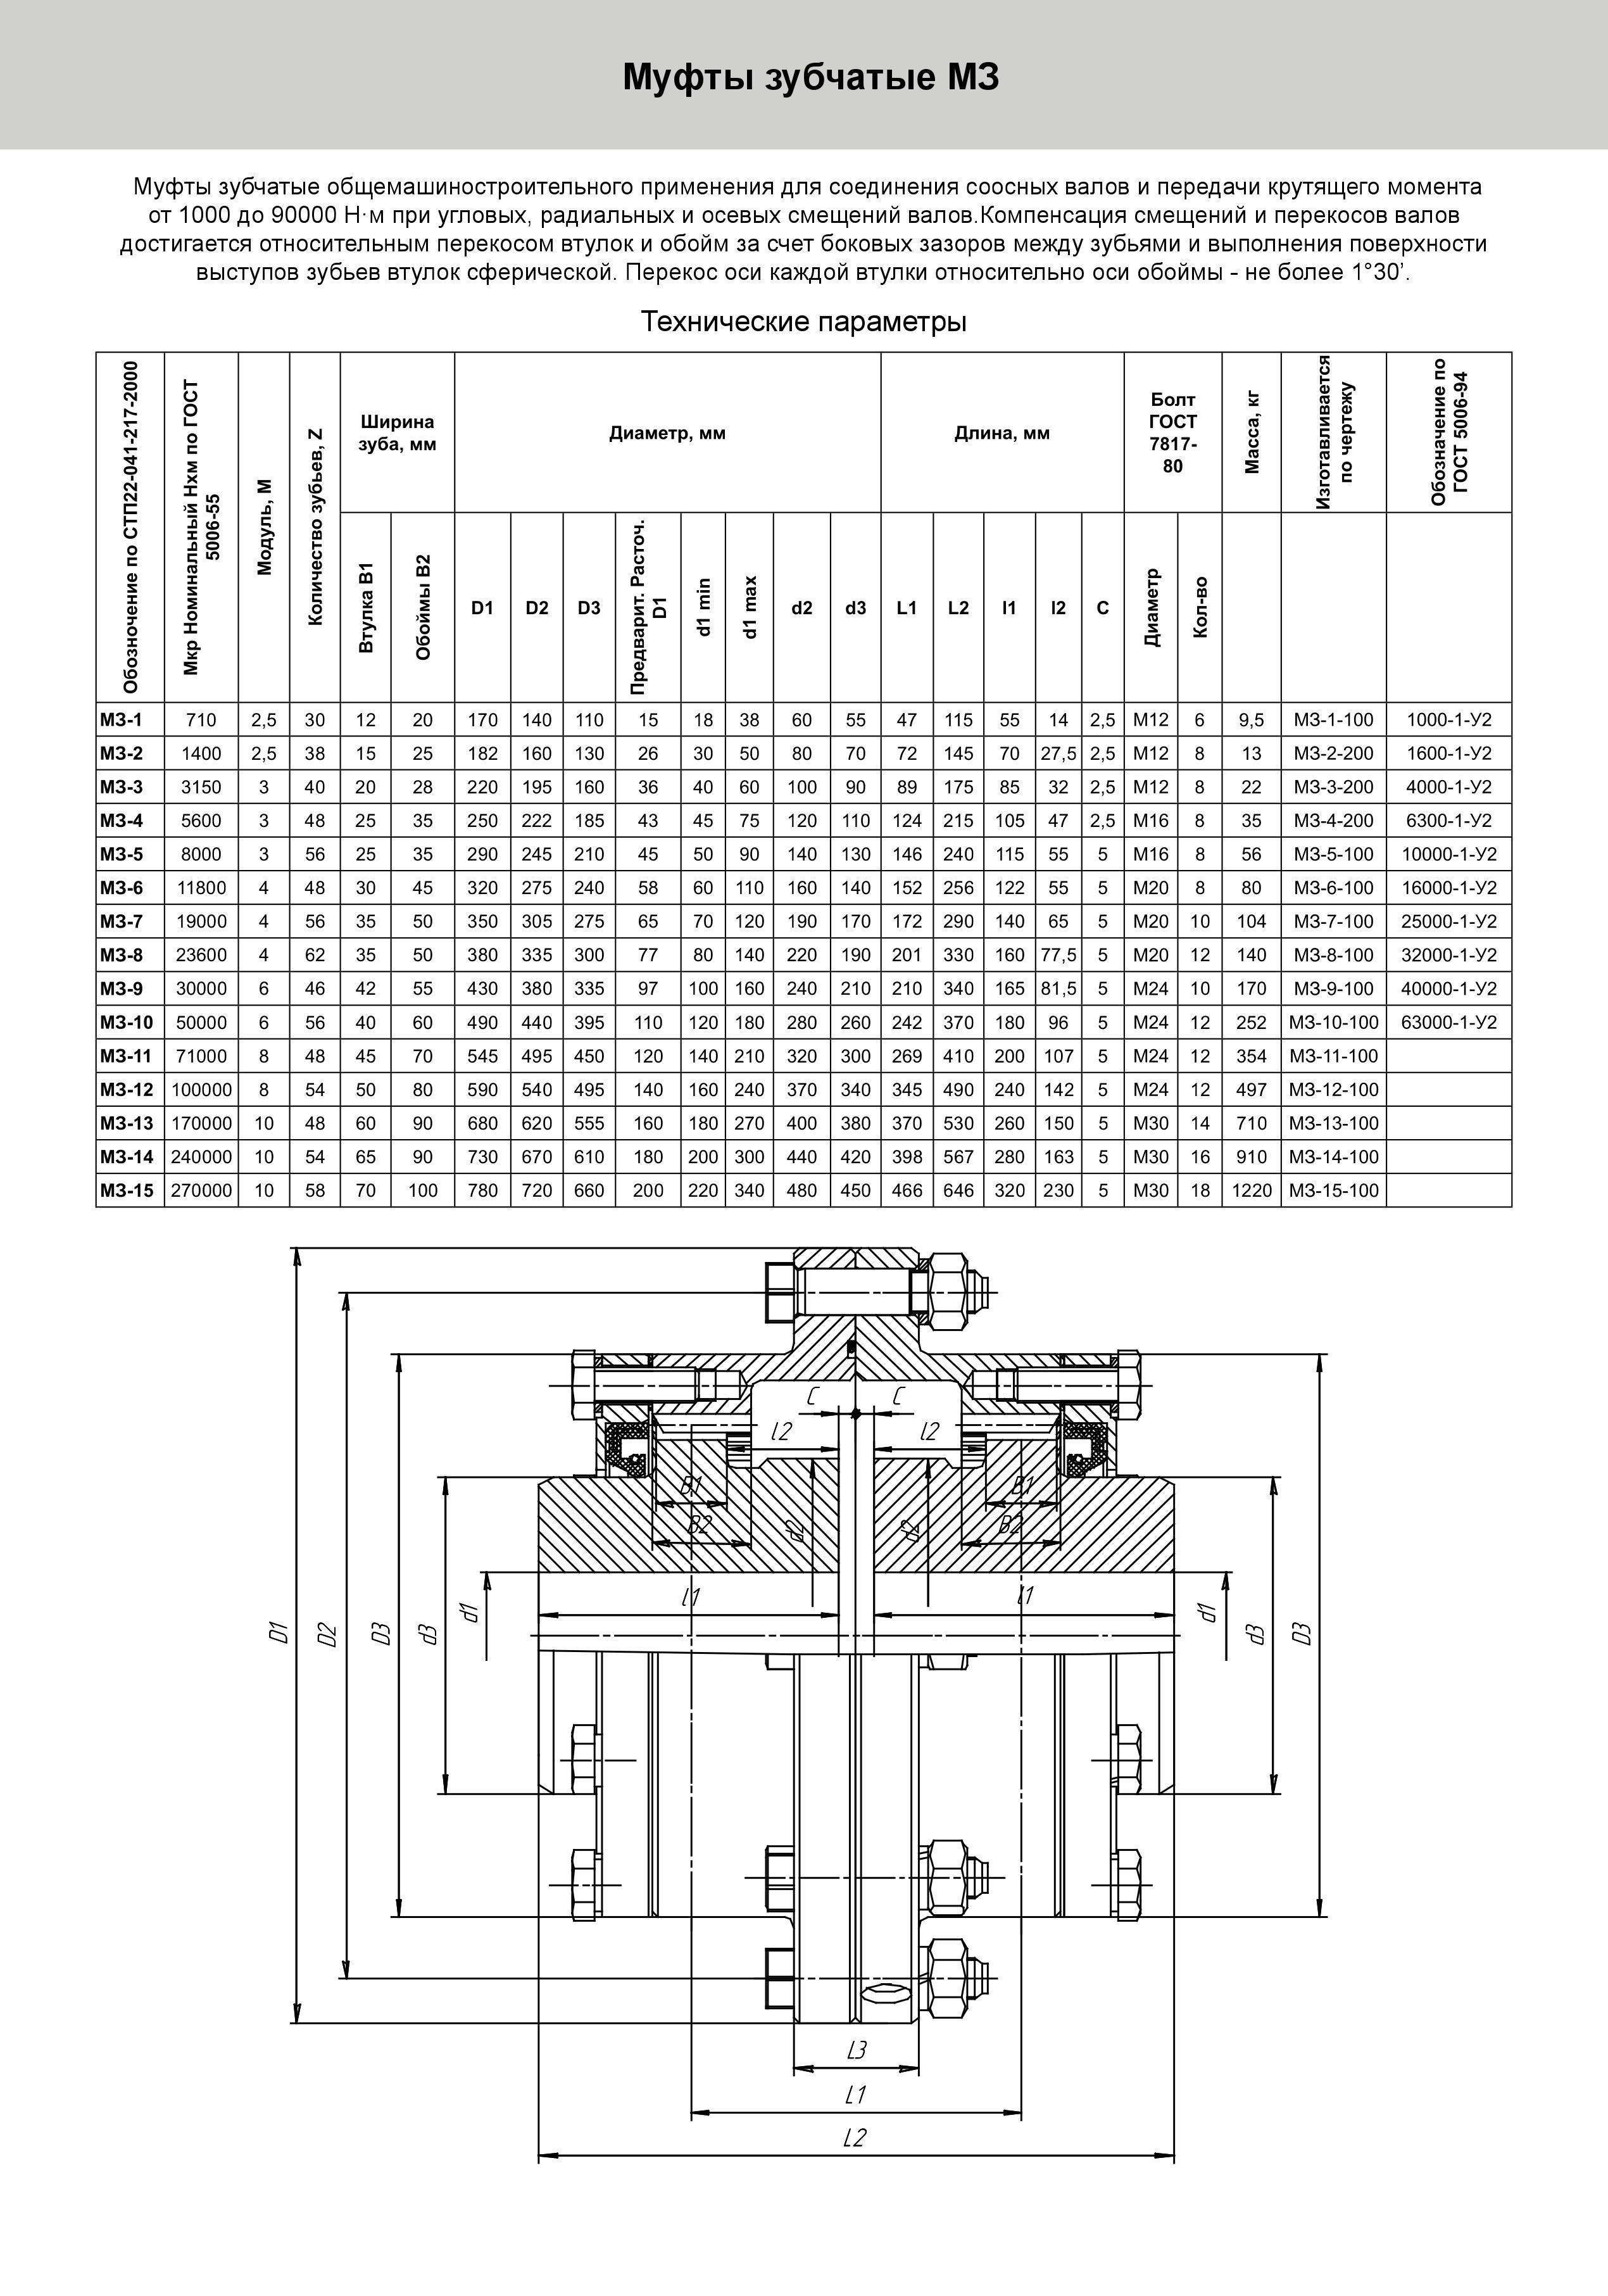 Гост 5006-55: муфты зубчатые общего назначения